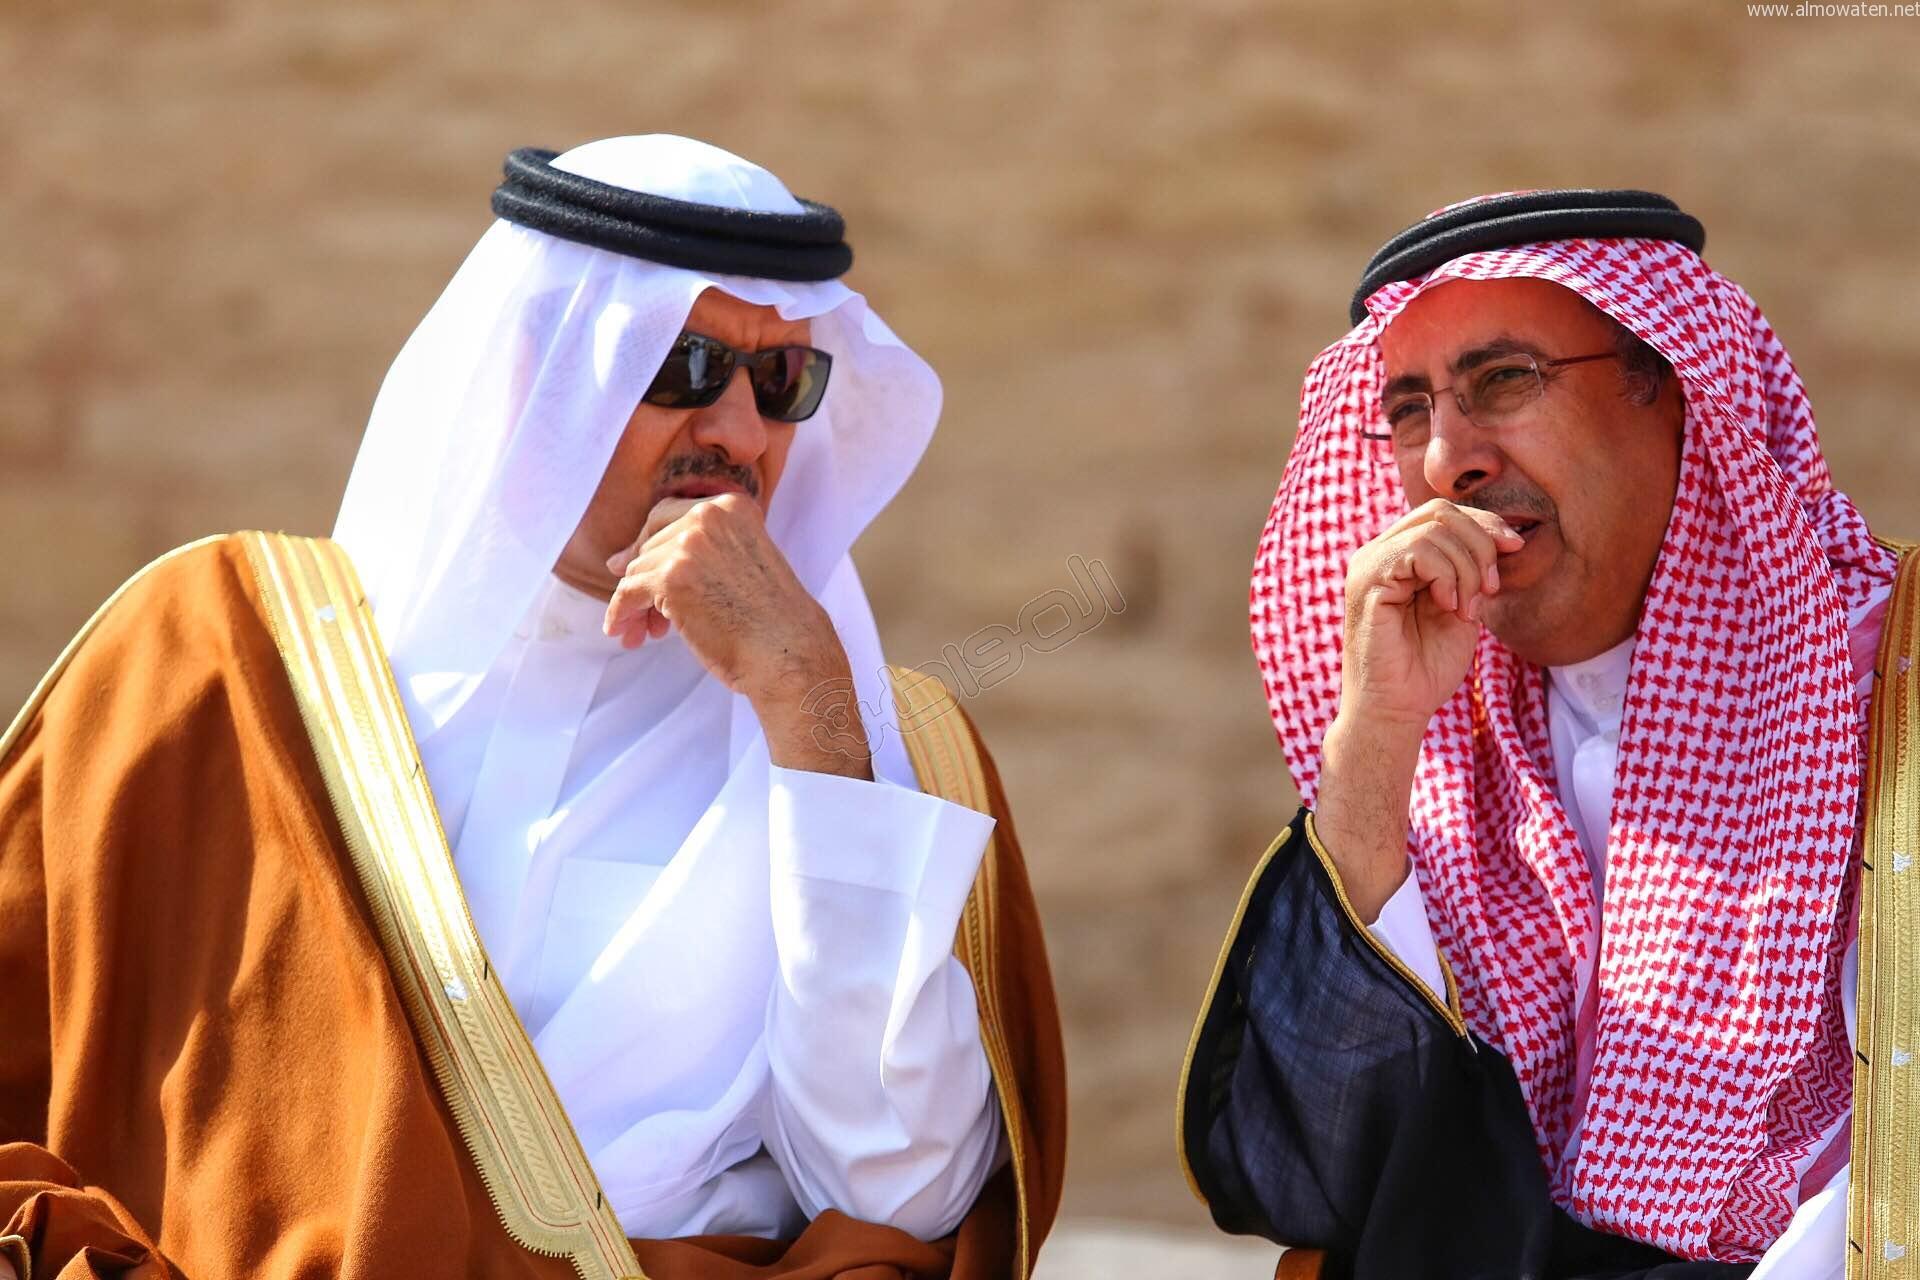 زيارامير-الرياض (16)